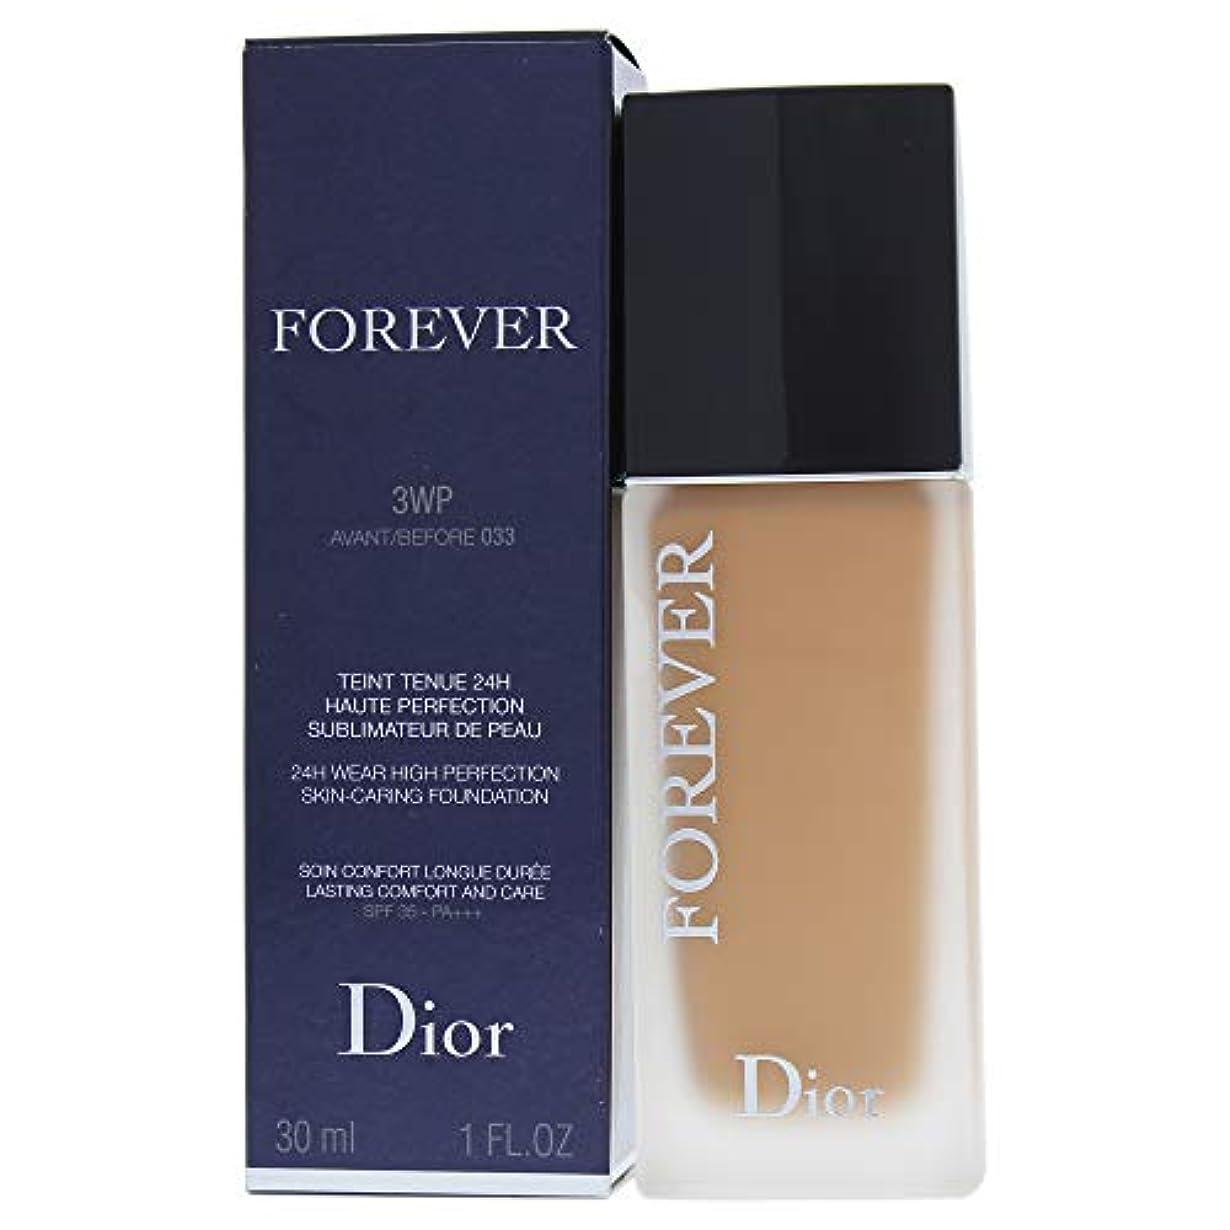 複数ストレス雄弁家クリスチャンディオール Dior Forever 24H Wear High Perfection Foundation SPF 35 - # 3WP (Warm Peach) 30ml/1oz並行輸入品